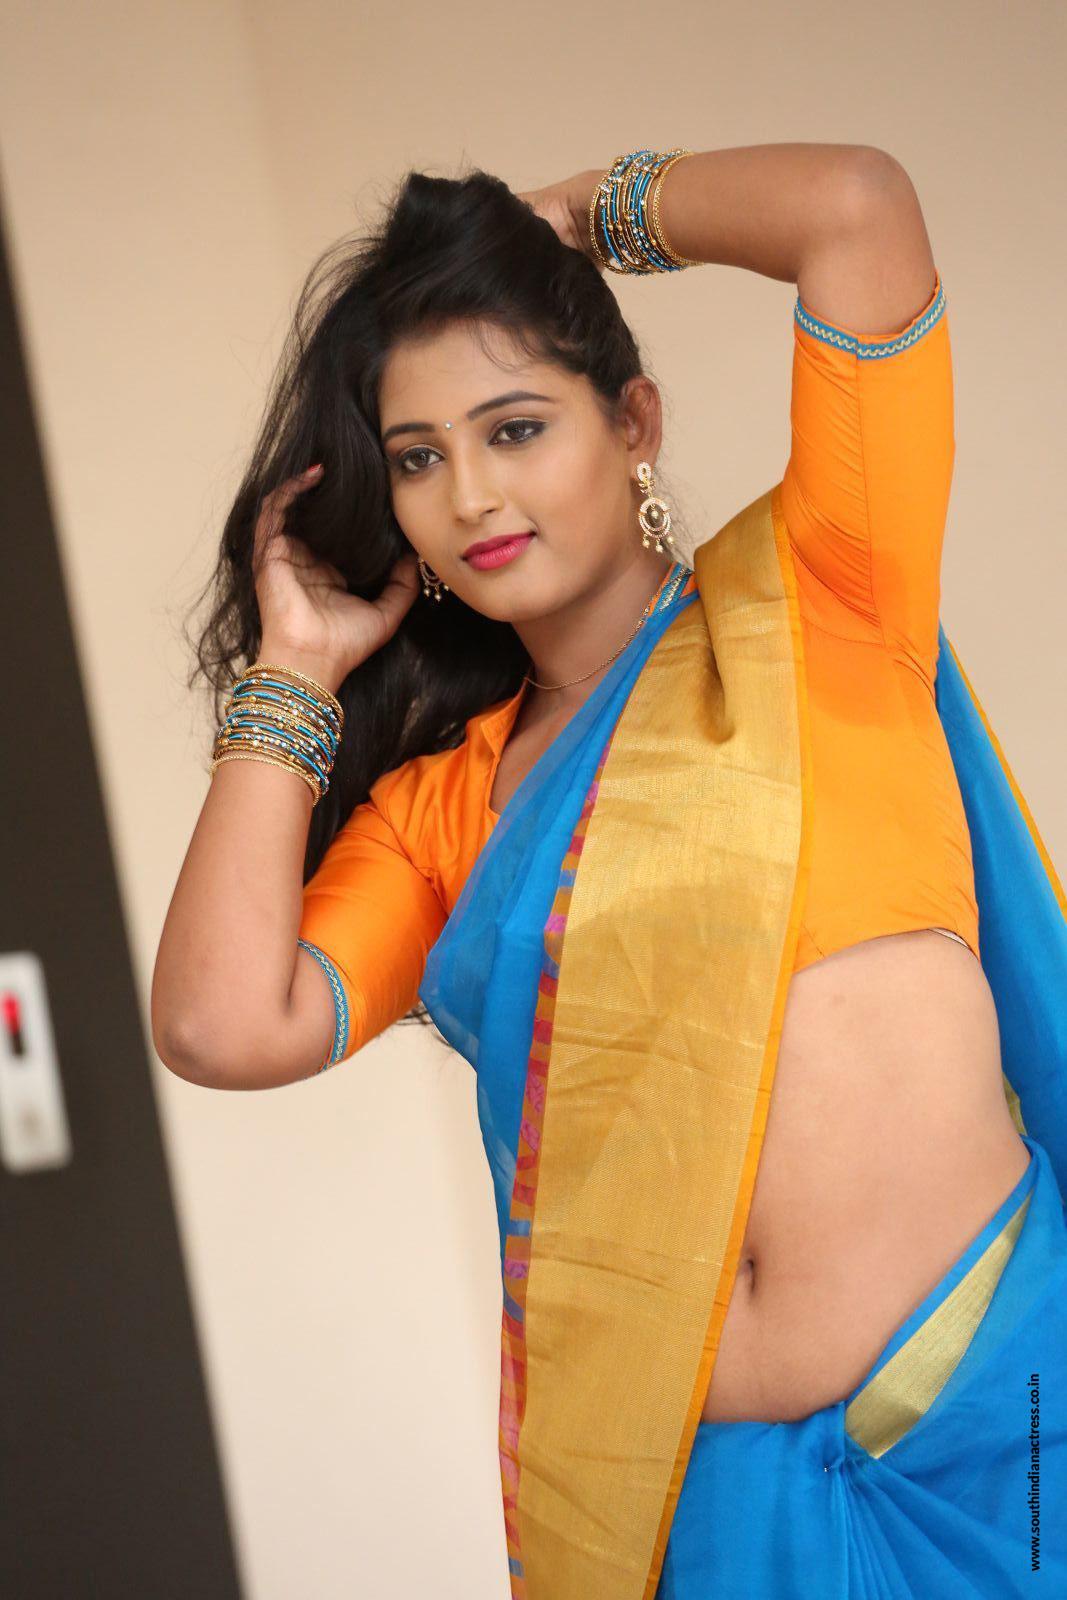 new hot pics south indian actress